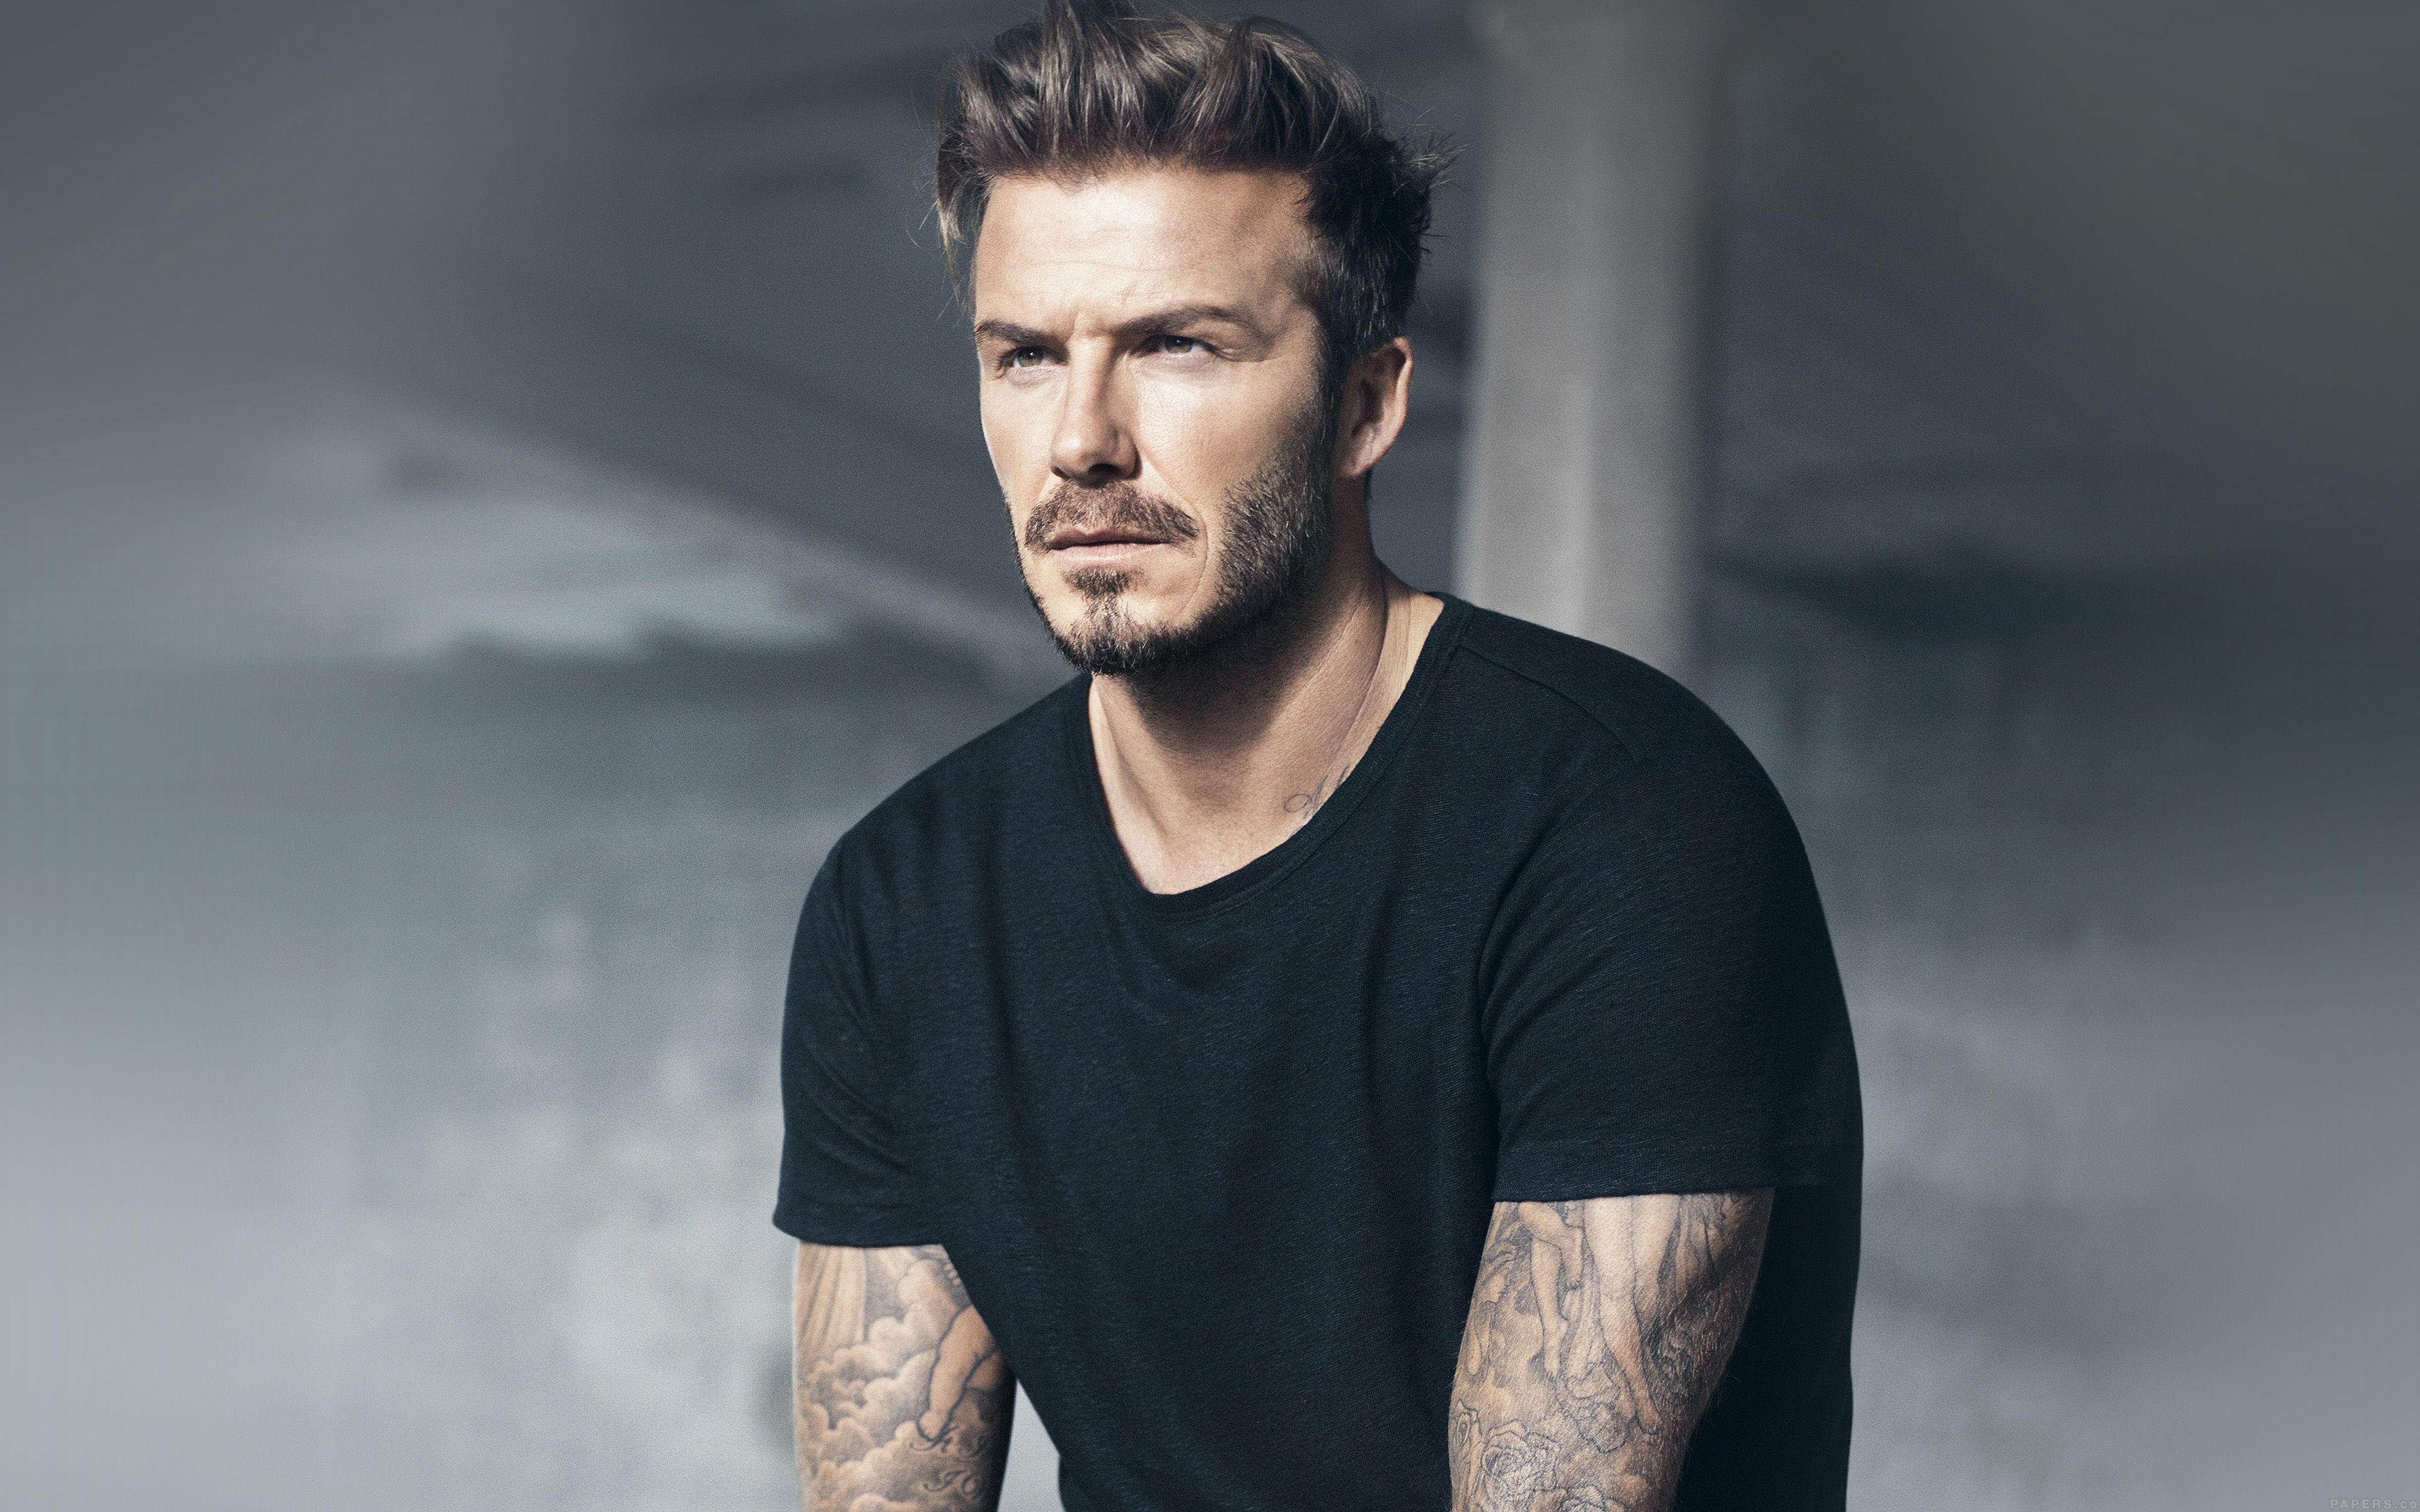 David Beckham Widescreen Wallpaper 53246